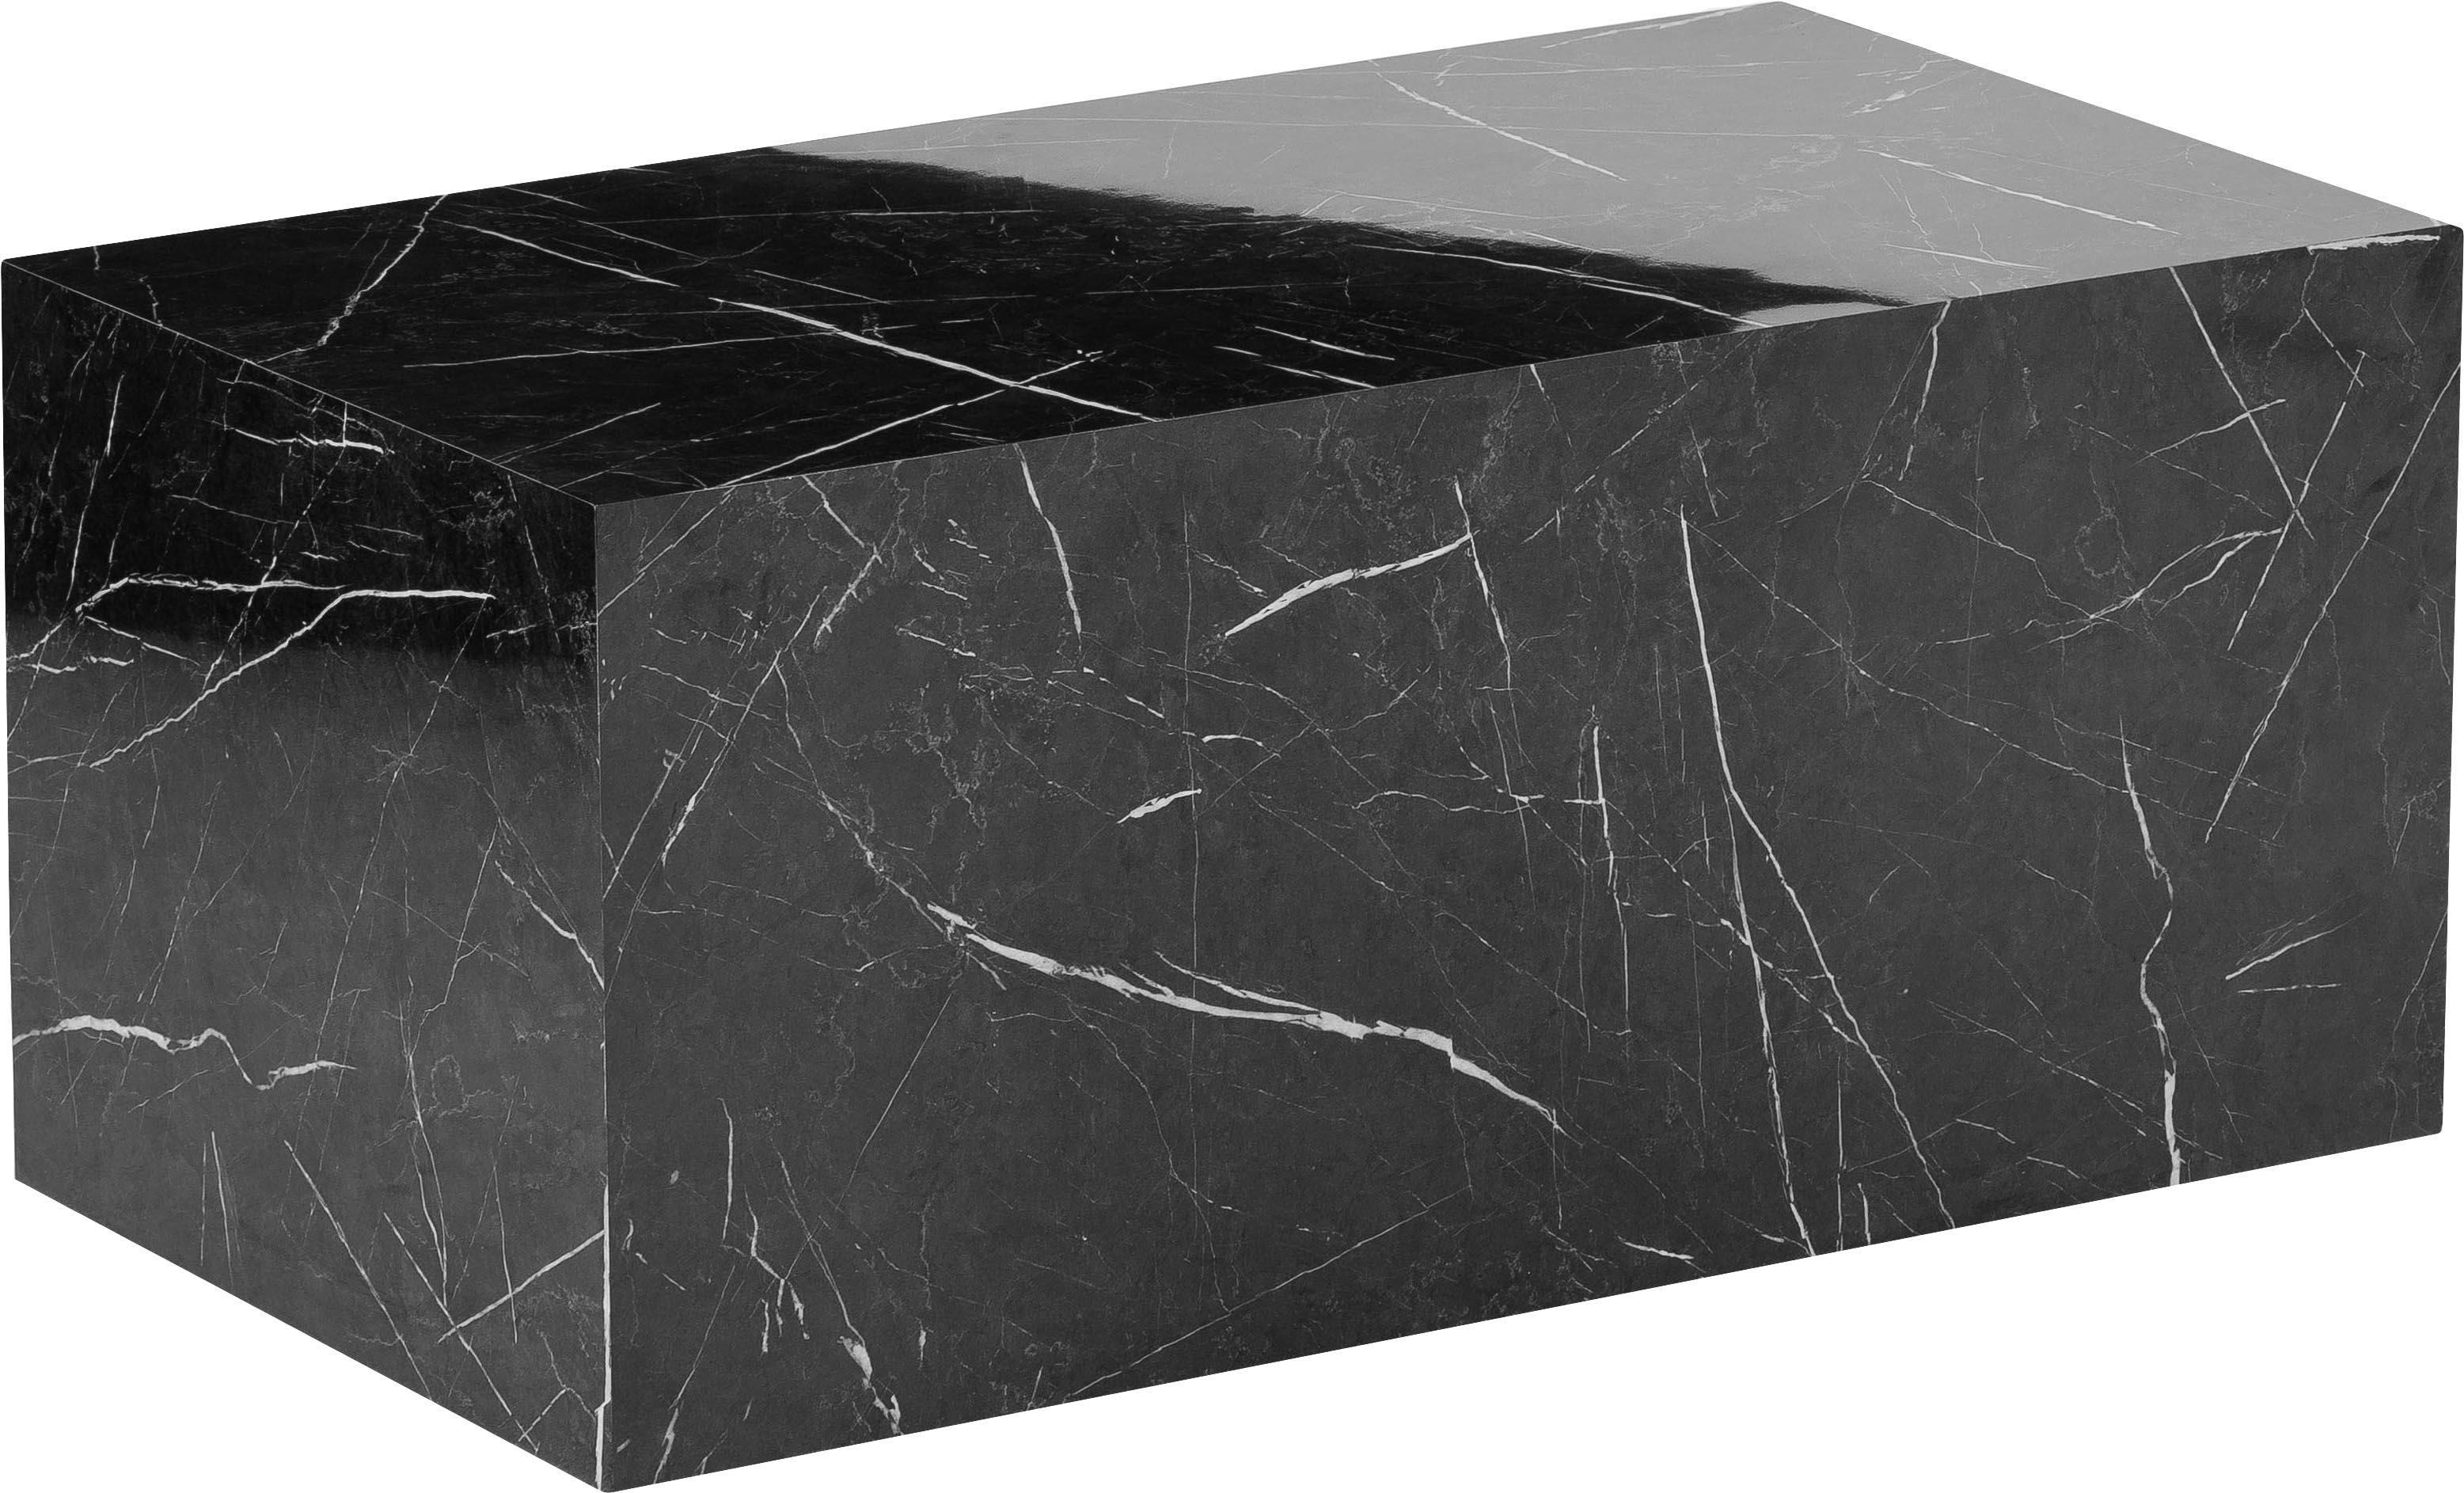 Couchtisch Lesley in Marmor-Optik, Mitteldichte Holzfaserplatte (MDF), mit Melaminfolie überzogen, Schwarz, marmoriert, 90 x 40 cm